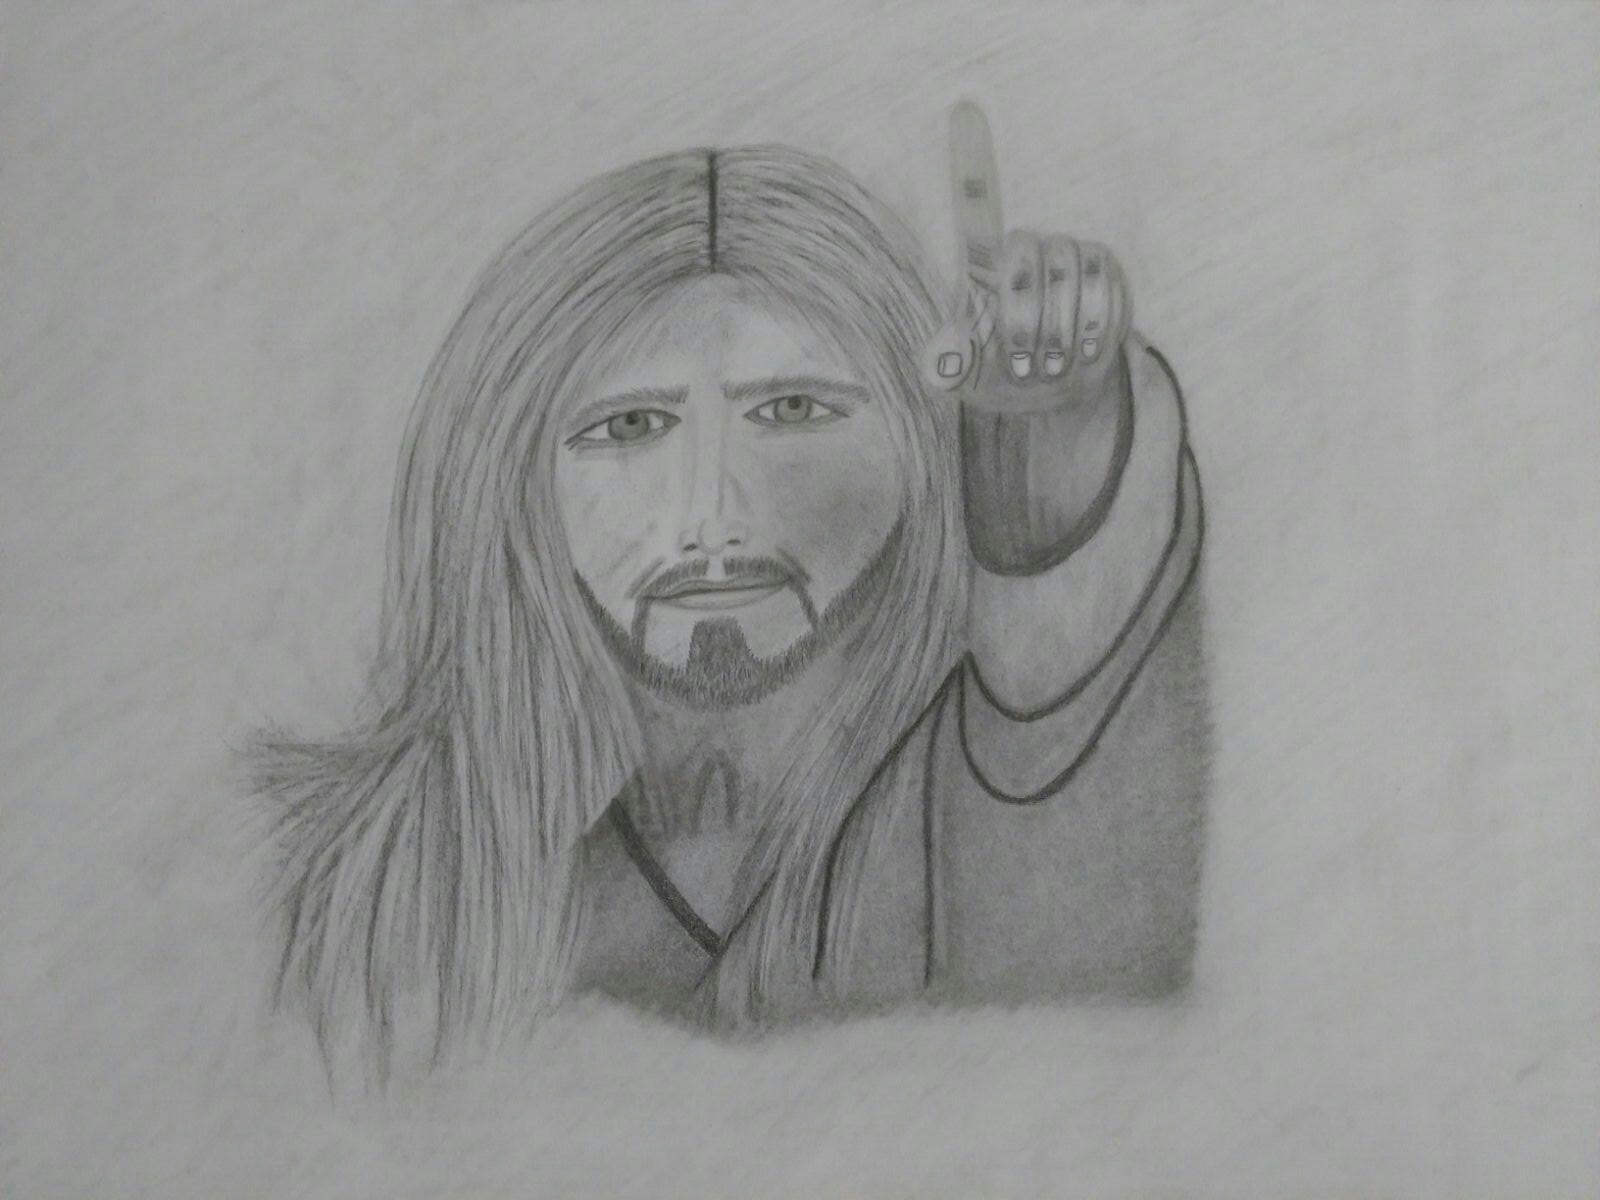 Wieder ein Bild vom Herrn, gemalt von Anastasia